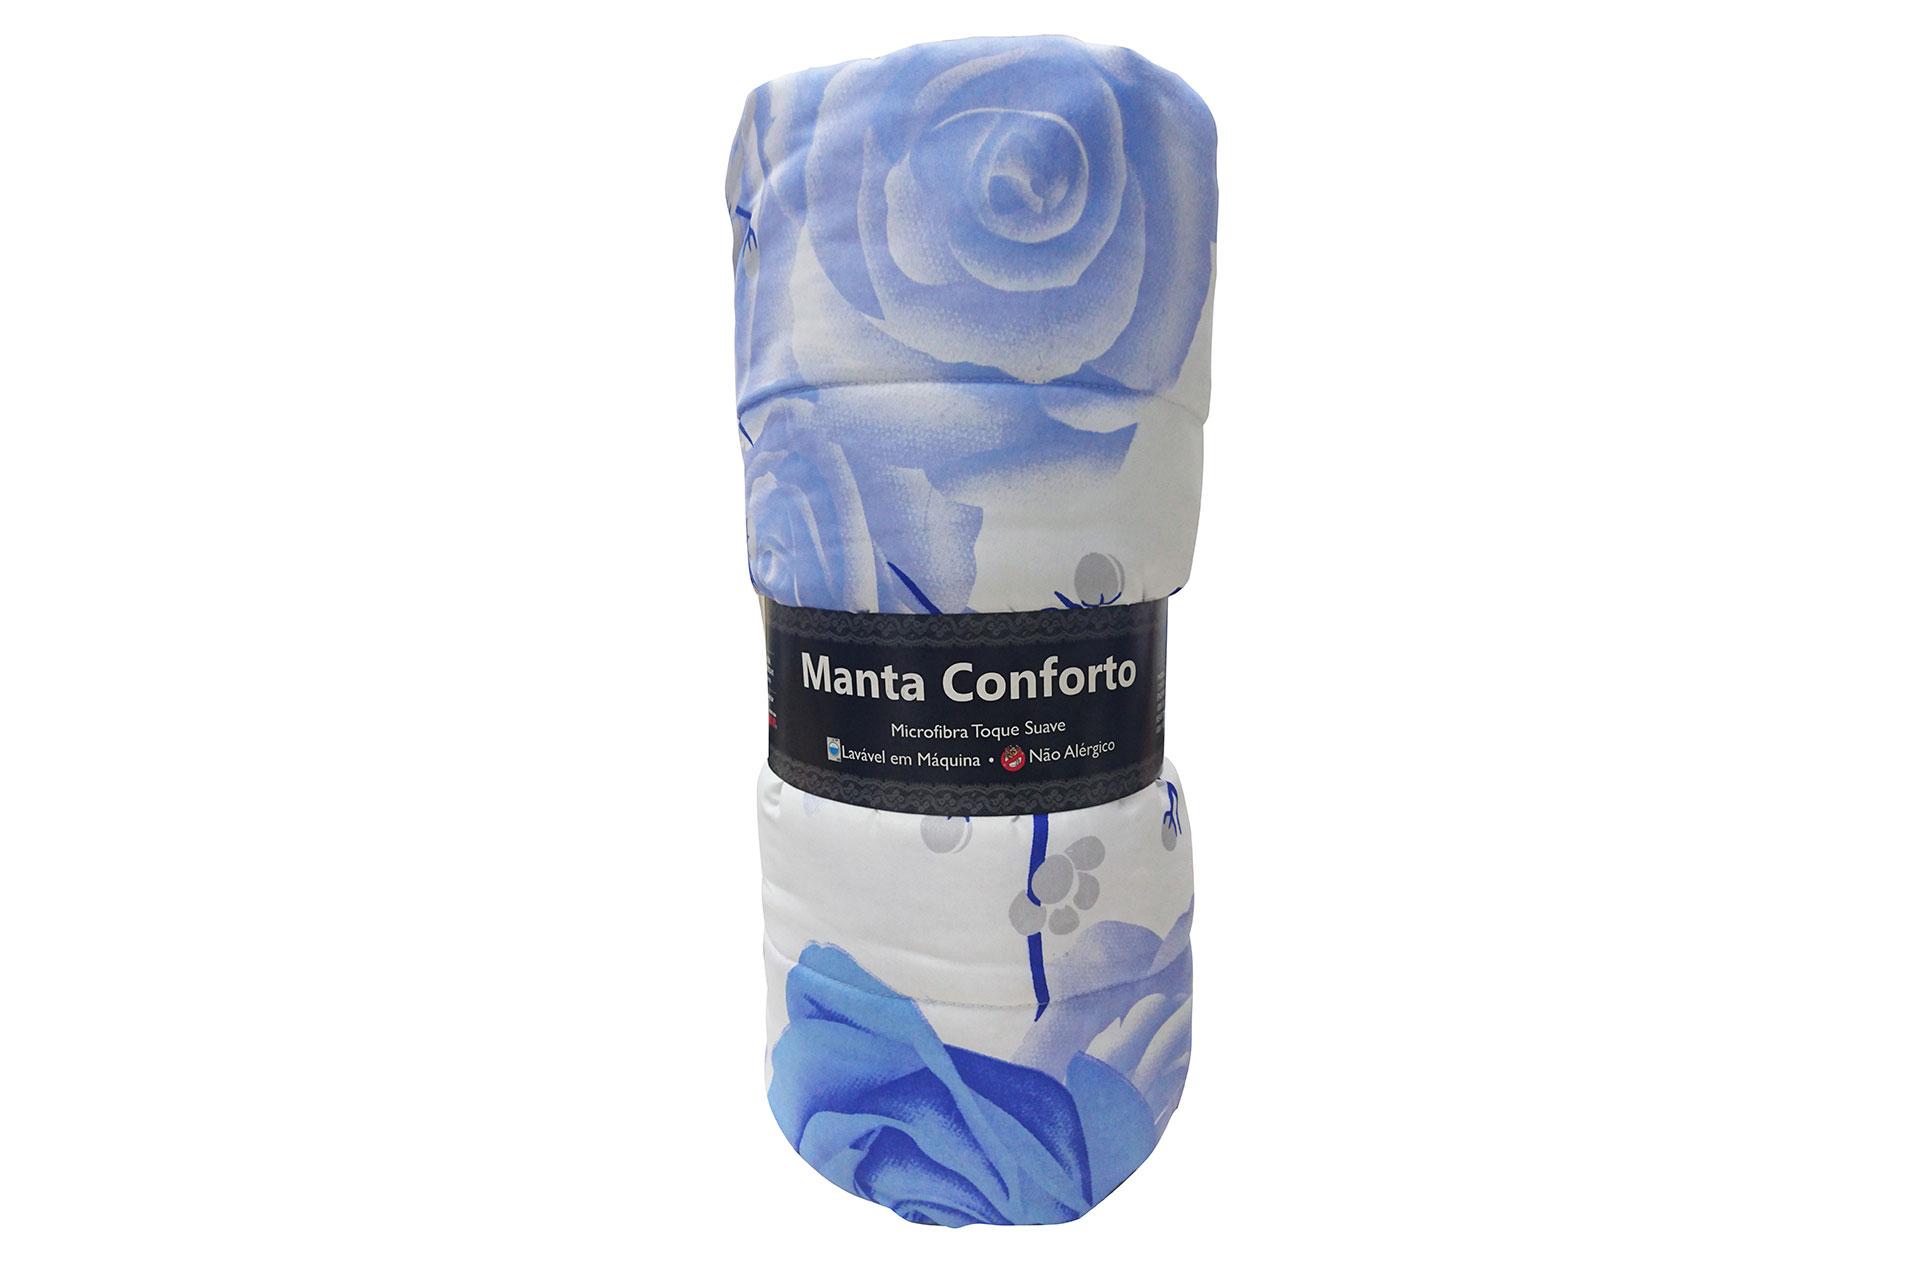 Manta Conforto